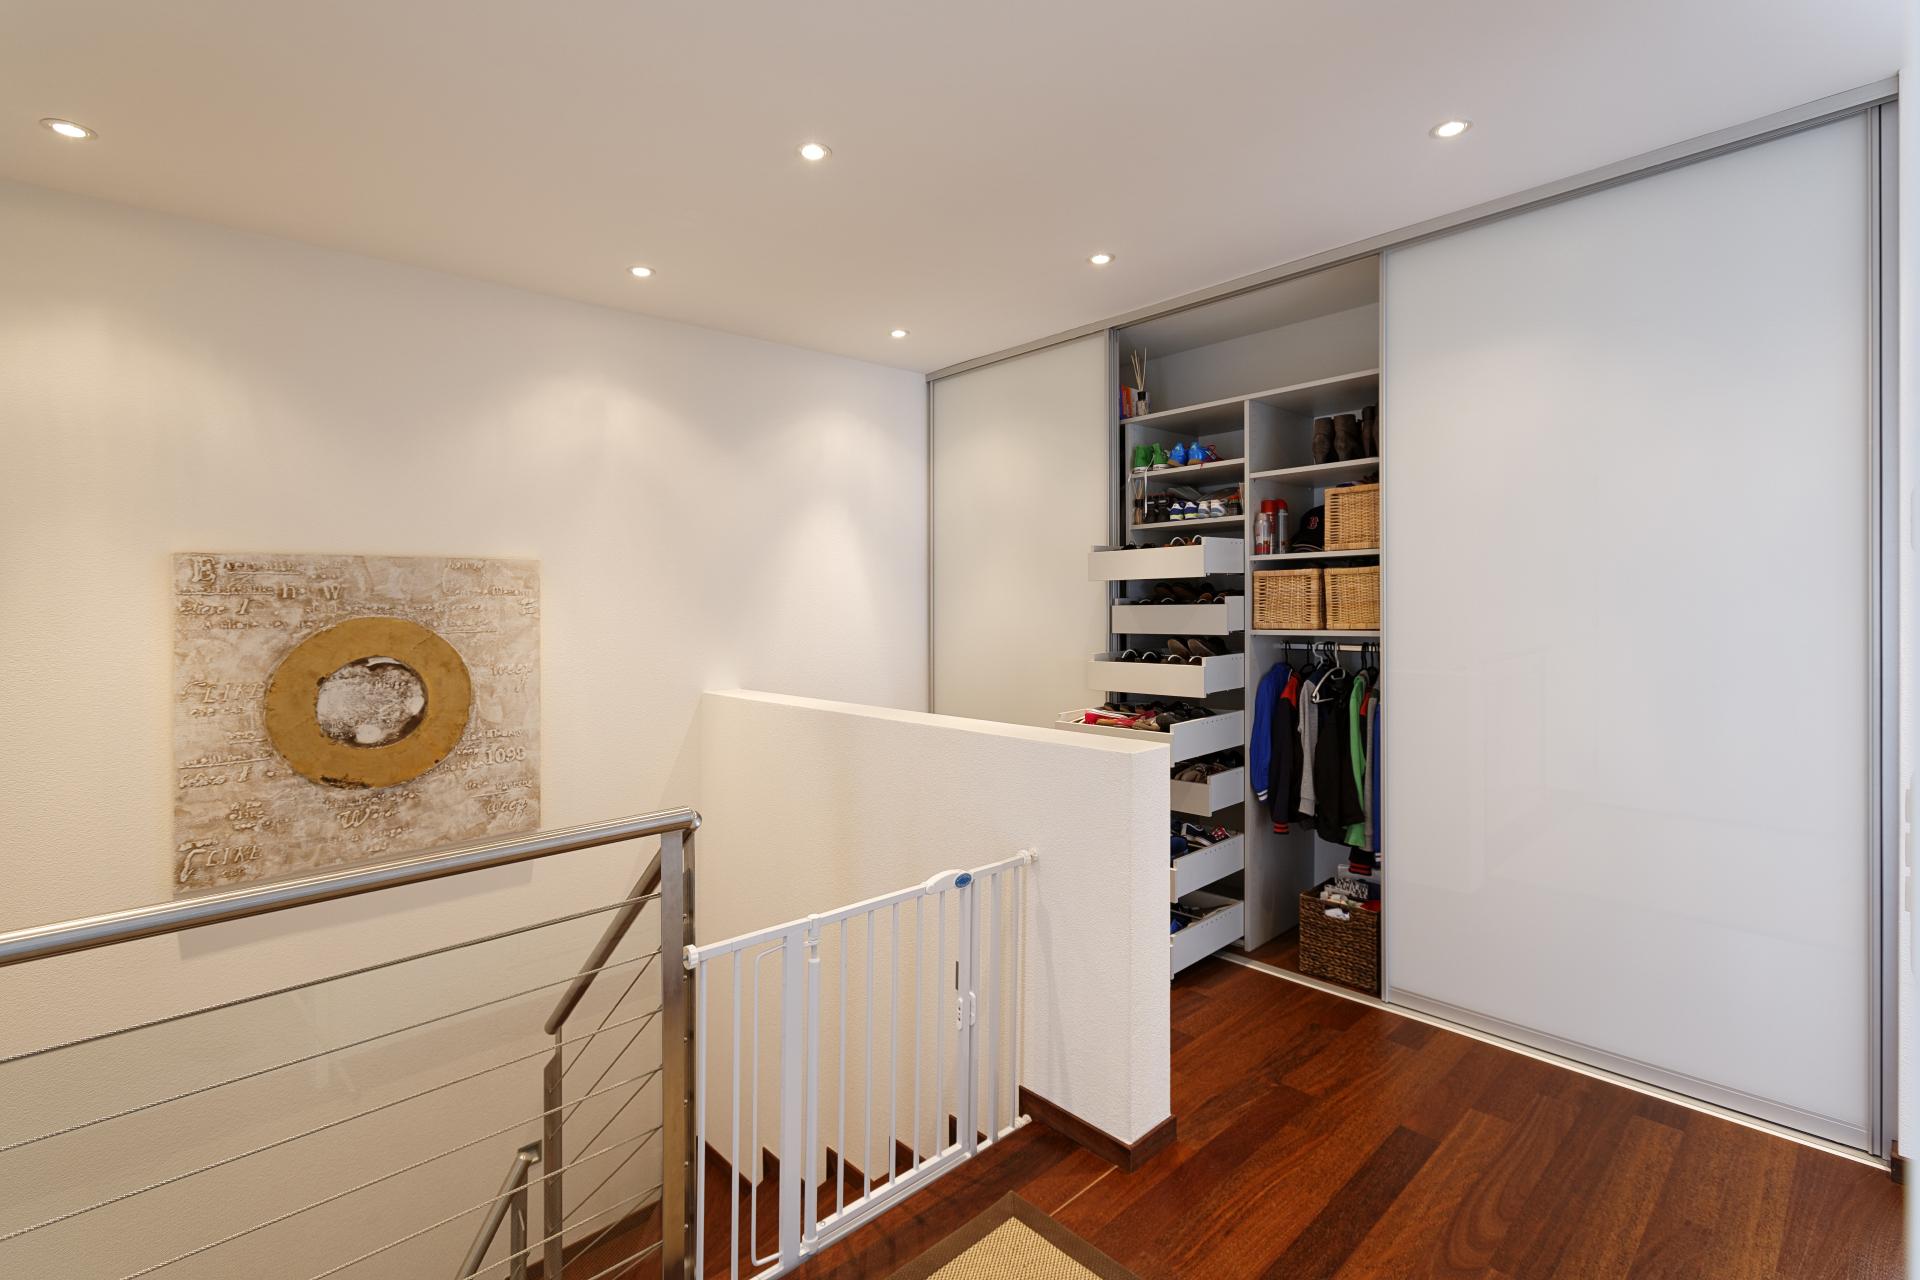 nischenschrank mit schiebet ren im entre auf zu. Black Bedroom Furniture Sets. Home Design Ideas